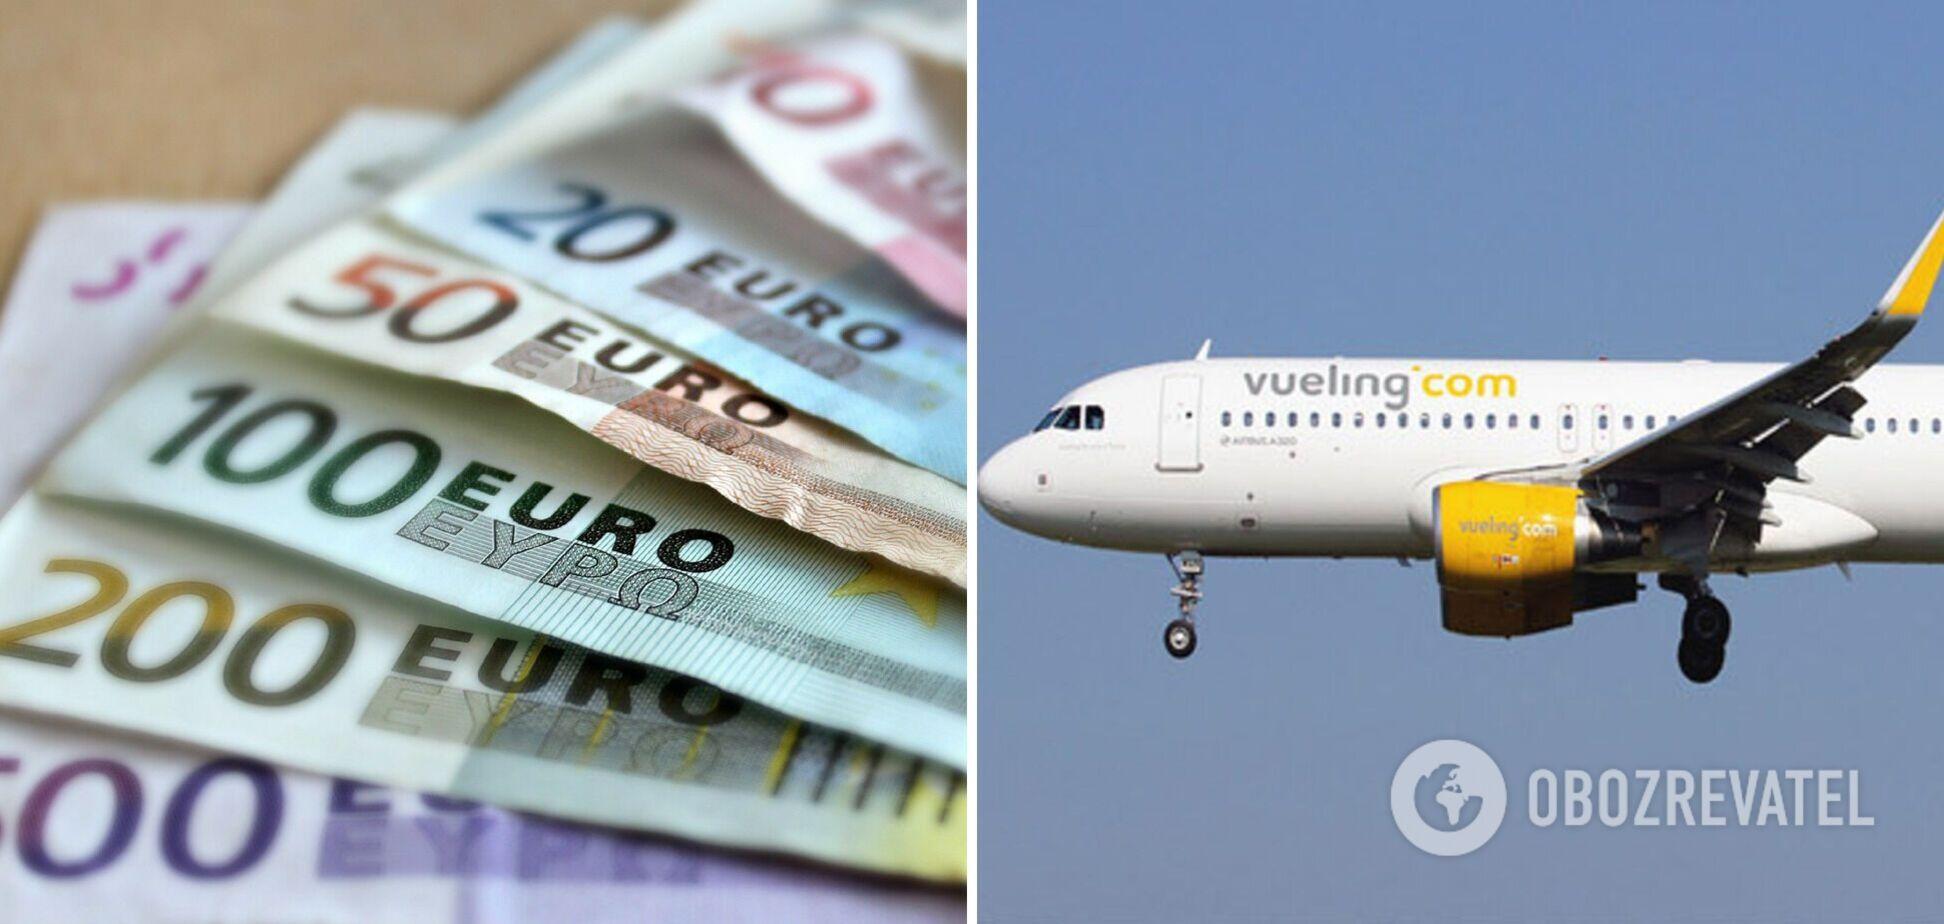 Vueling открыл рейс из Киева в Париж